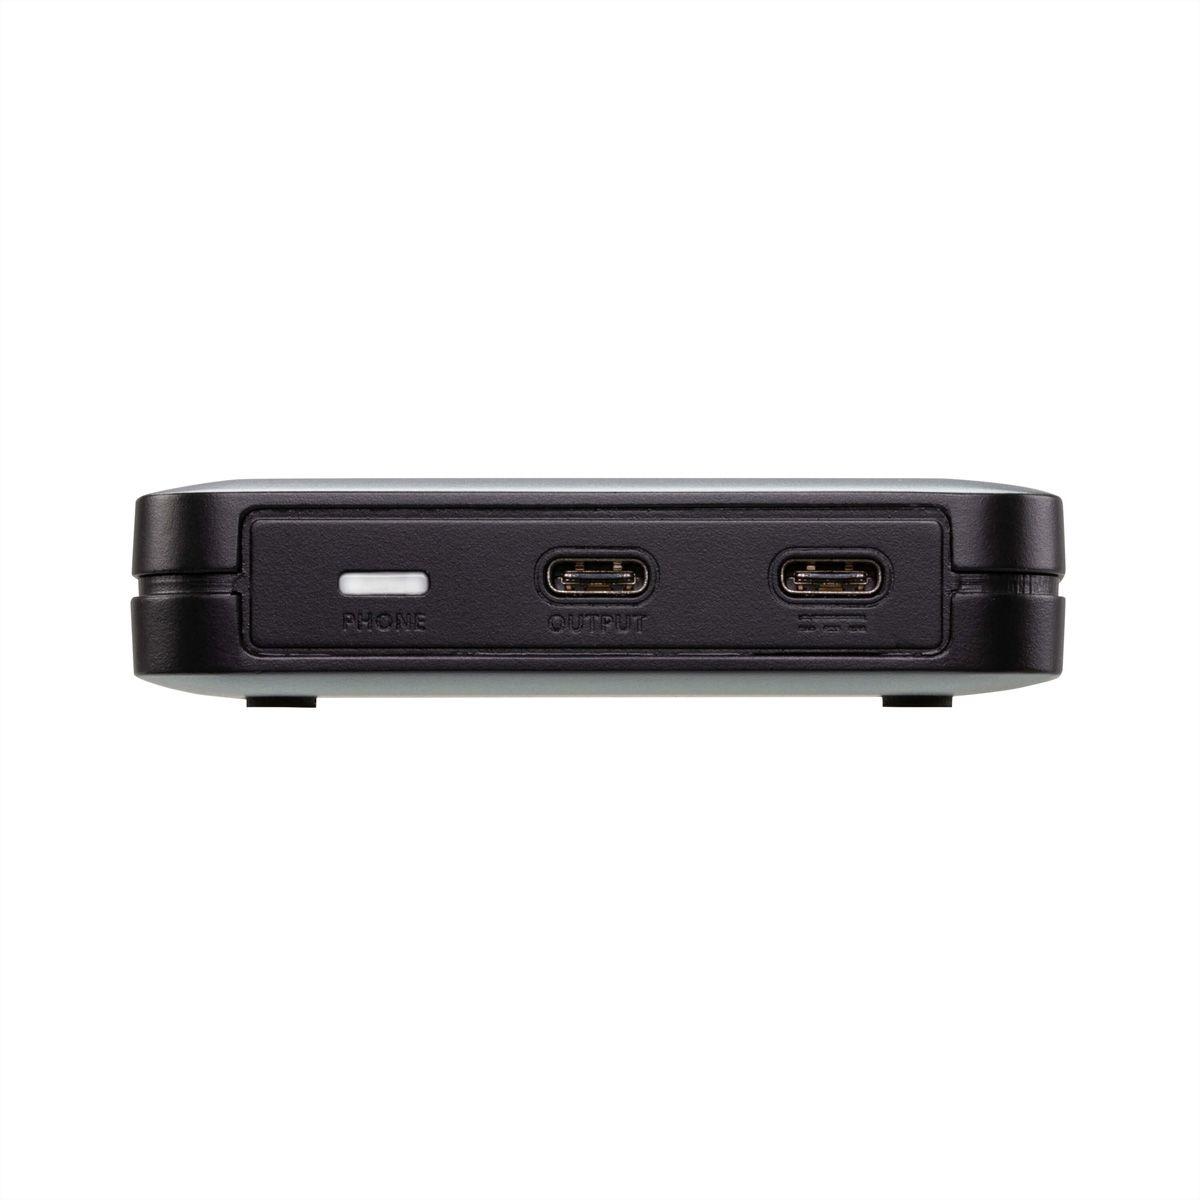 ATEN HDMI轉UVC視訊影像擷取器含USB-C充電功能 (UC3021)